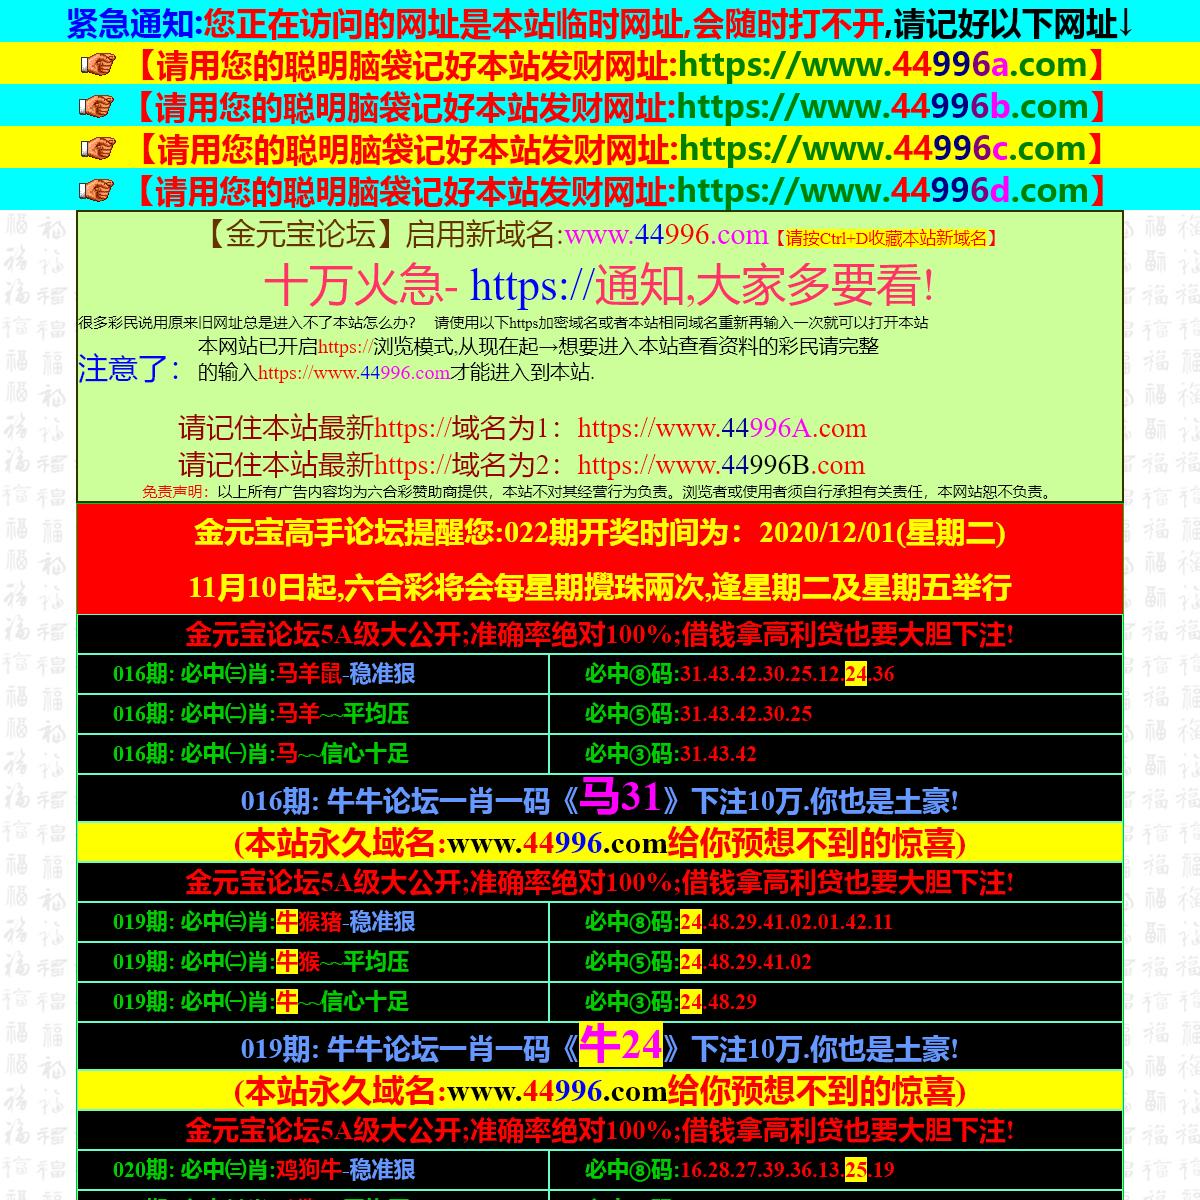 牛牛高手-牛牛高手坛-香港牛牛高手论坛-牛牛高手374444